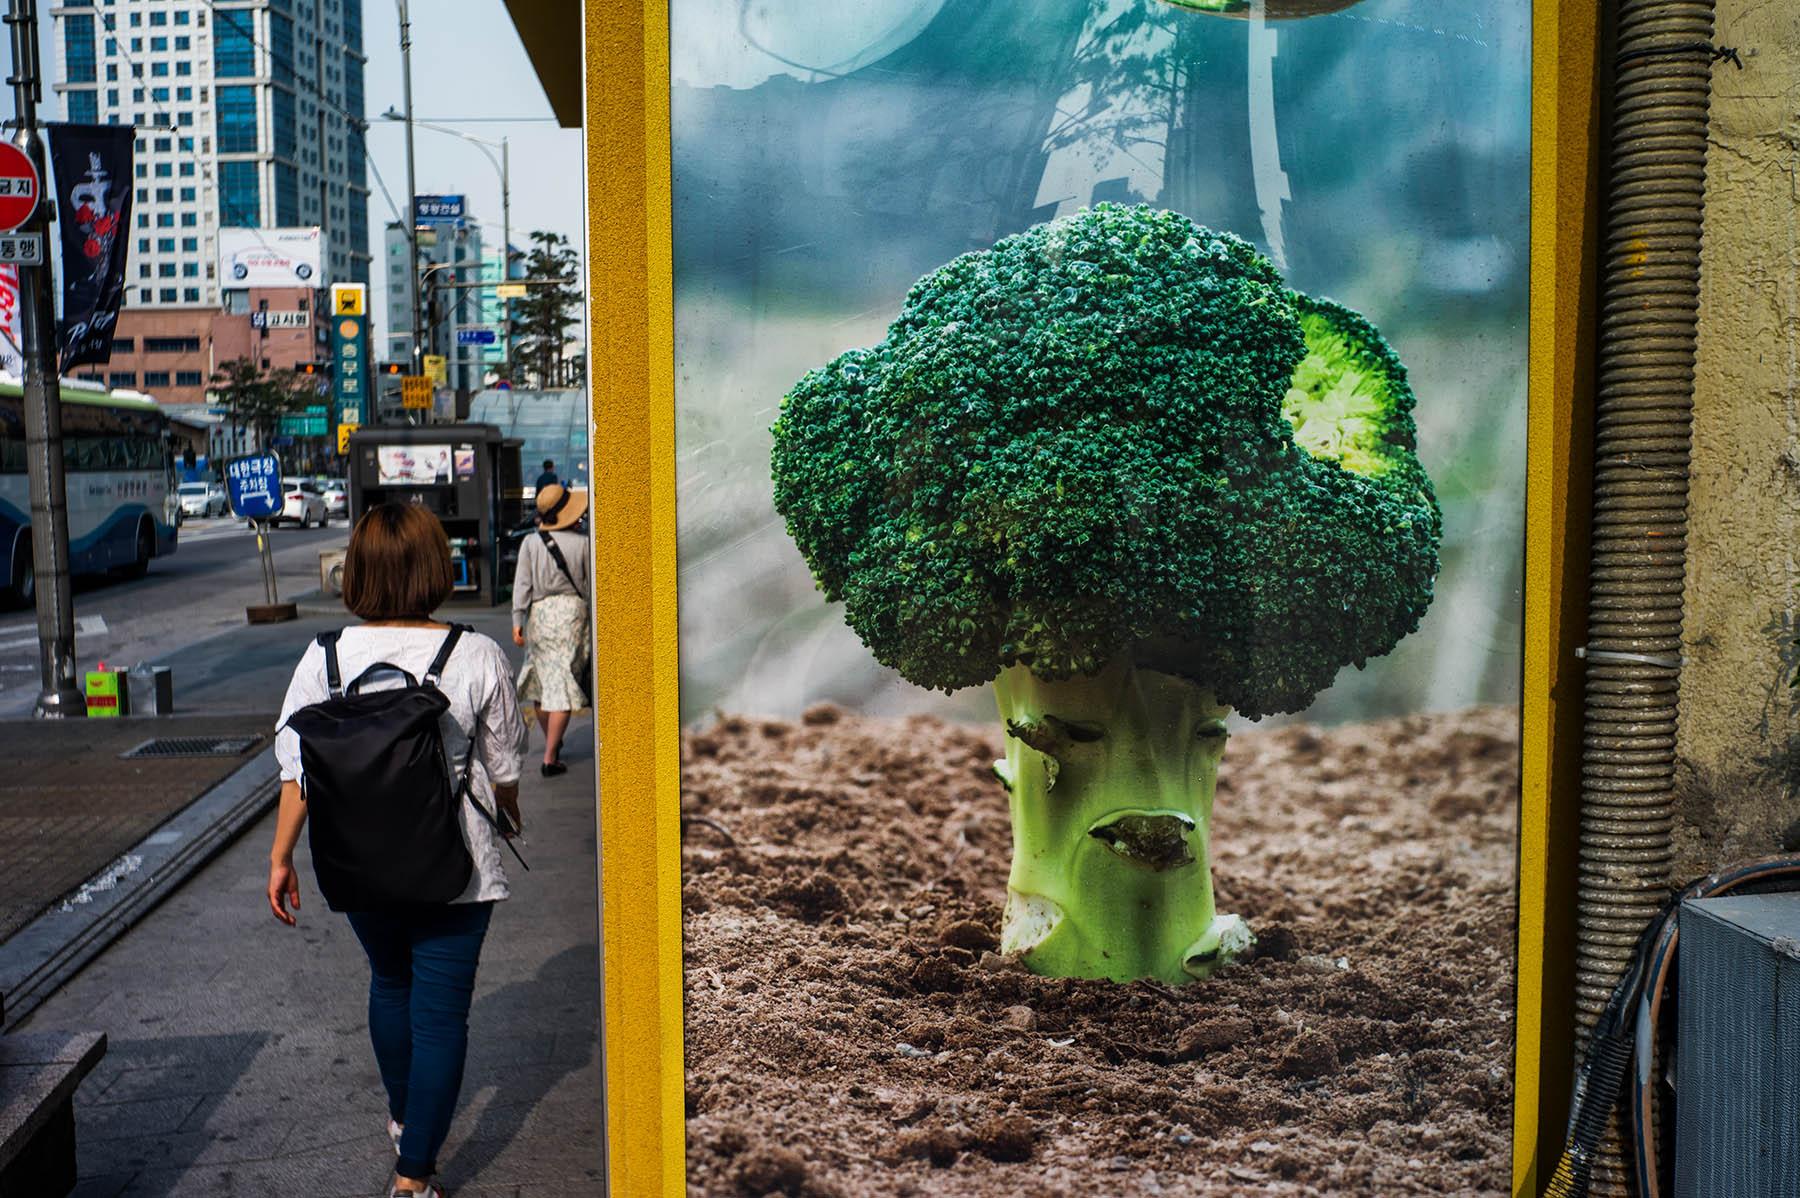 Broccoli_c0028861_21131325.jpg